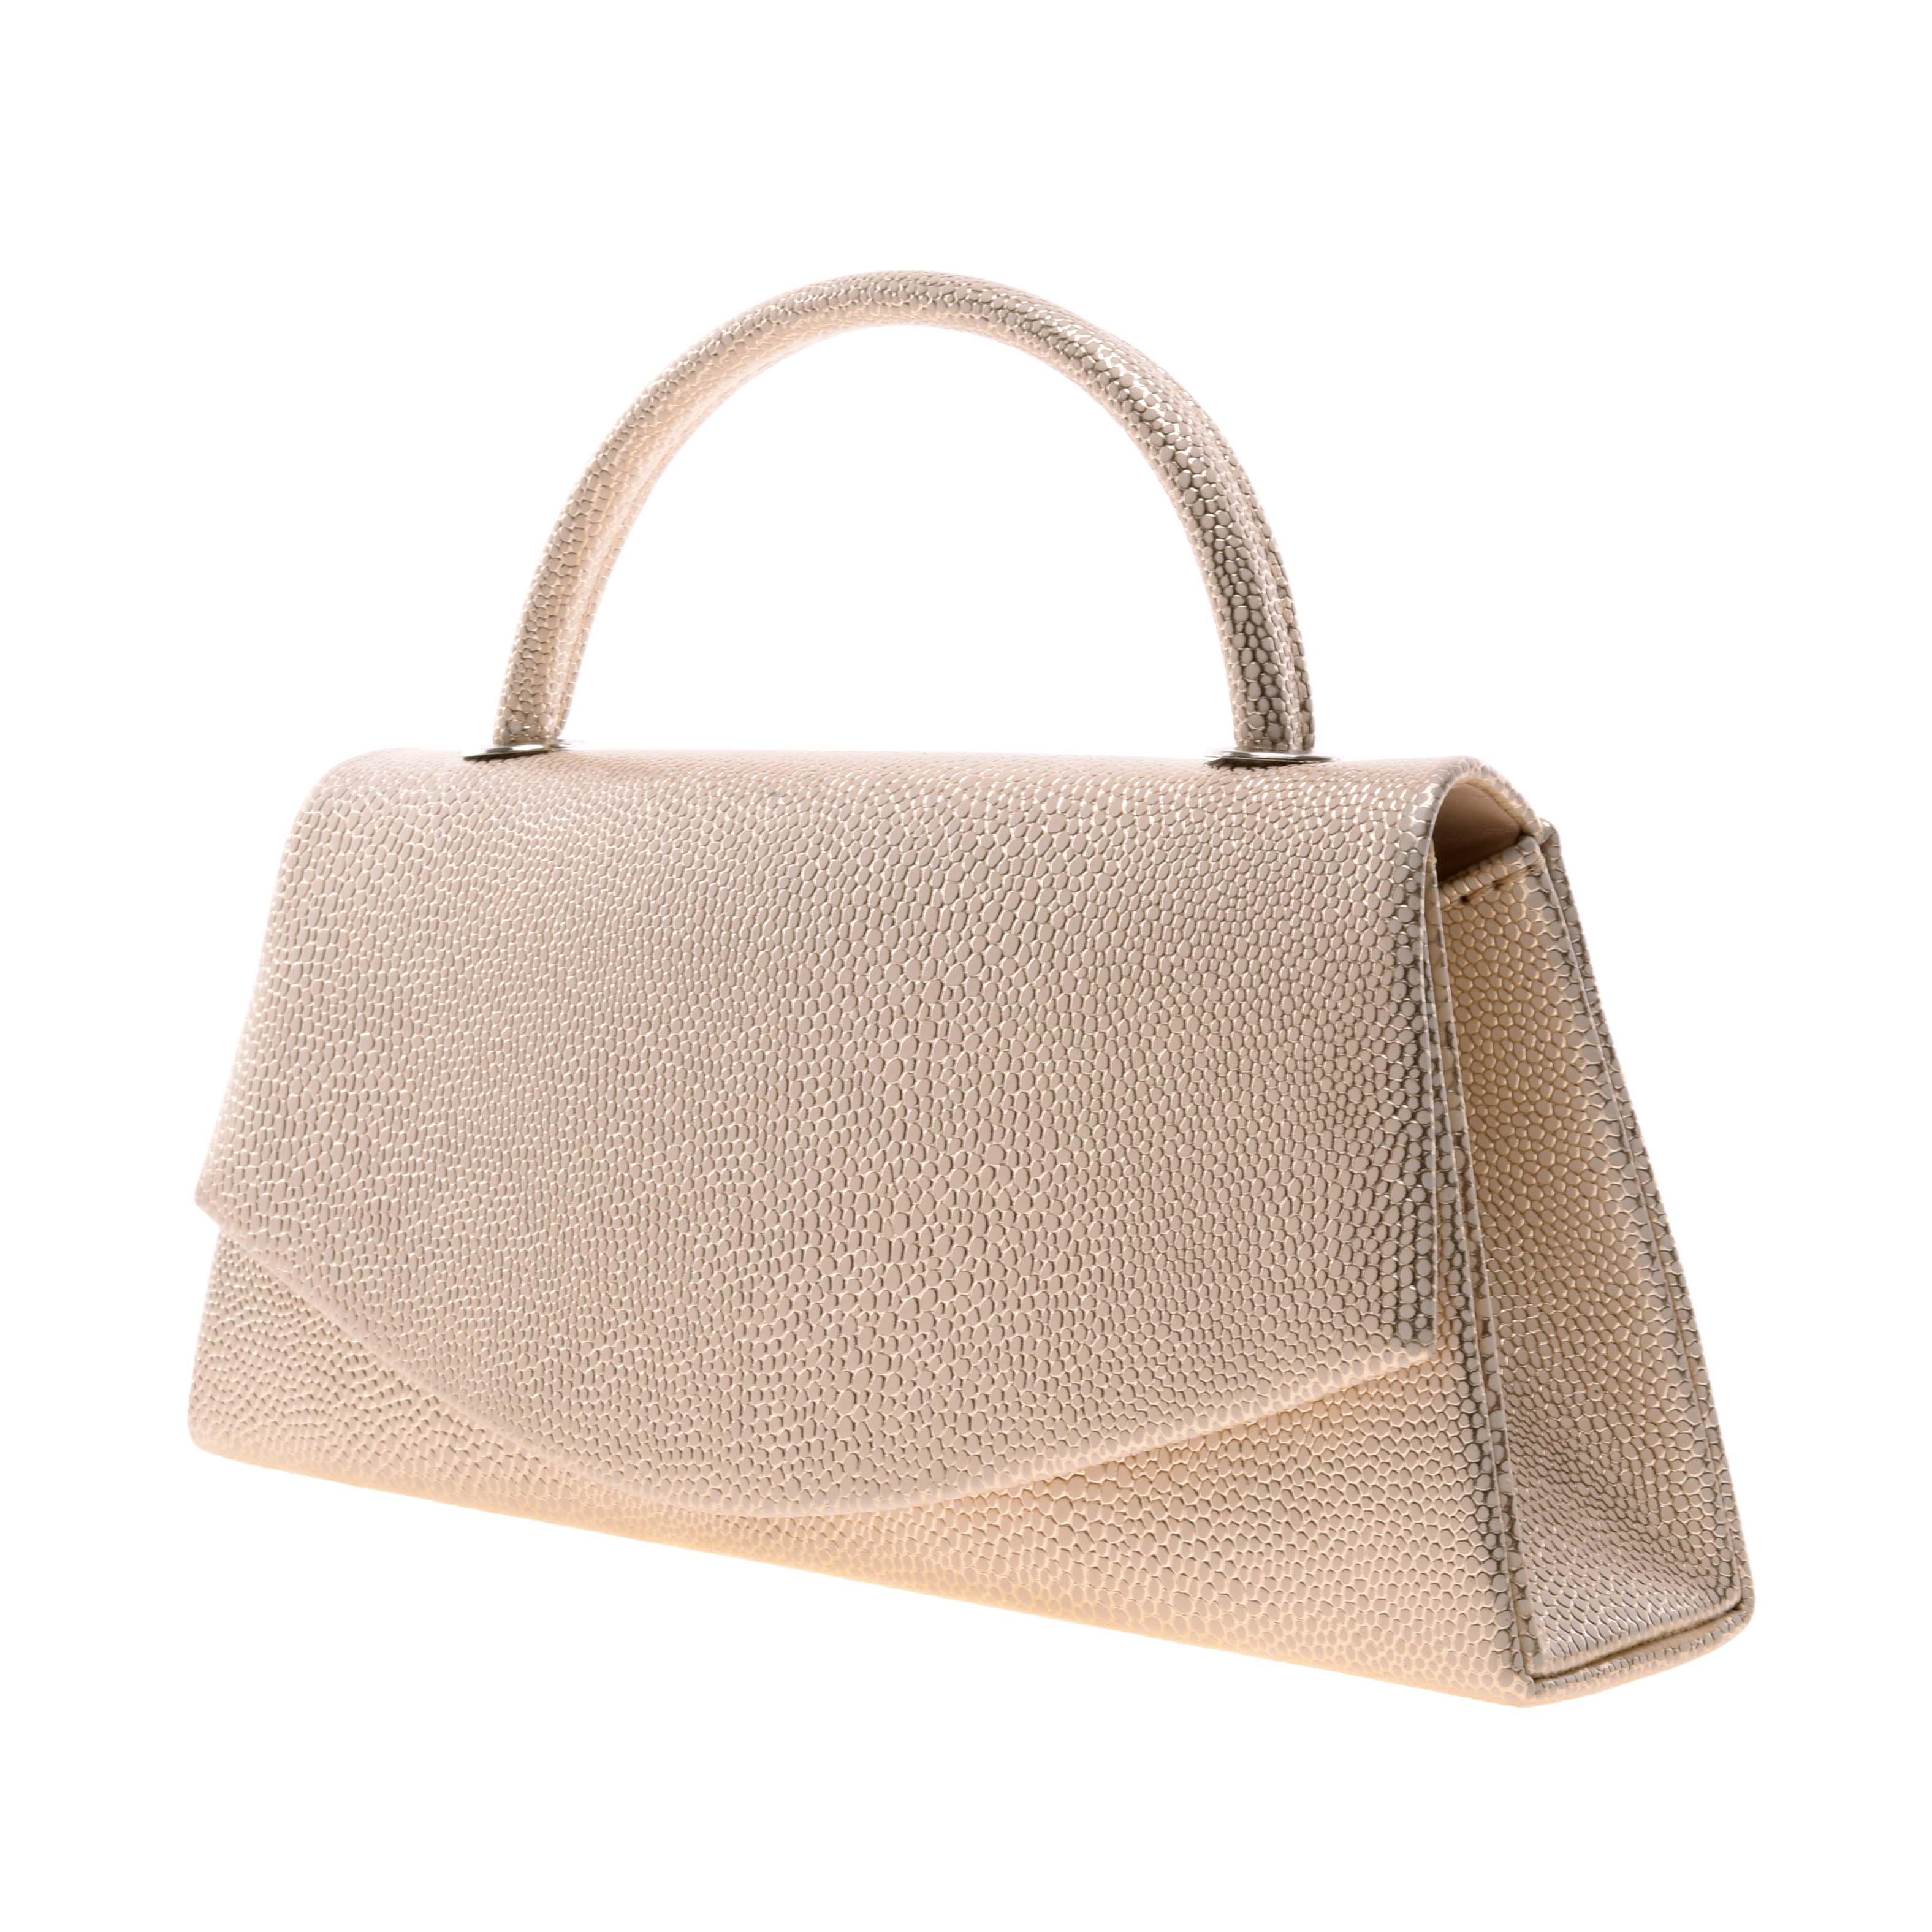 Diva Női Műbőr Arany Kézitáska - Kézitáskák - Táska webáruház - Minőségi  táskák mindenkinek 4288ca0d50